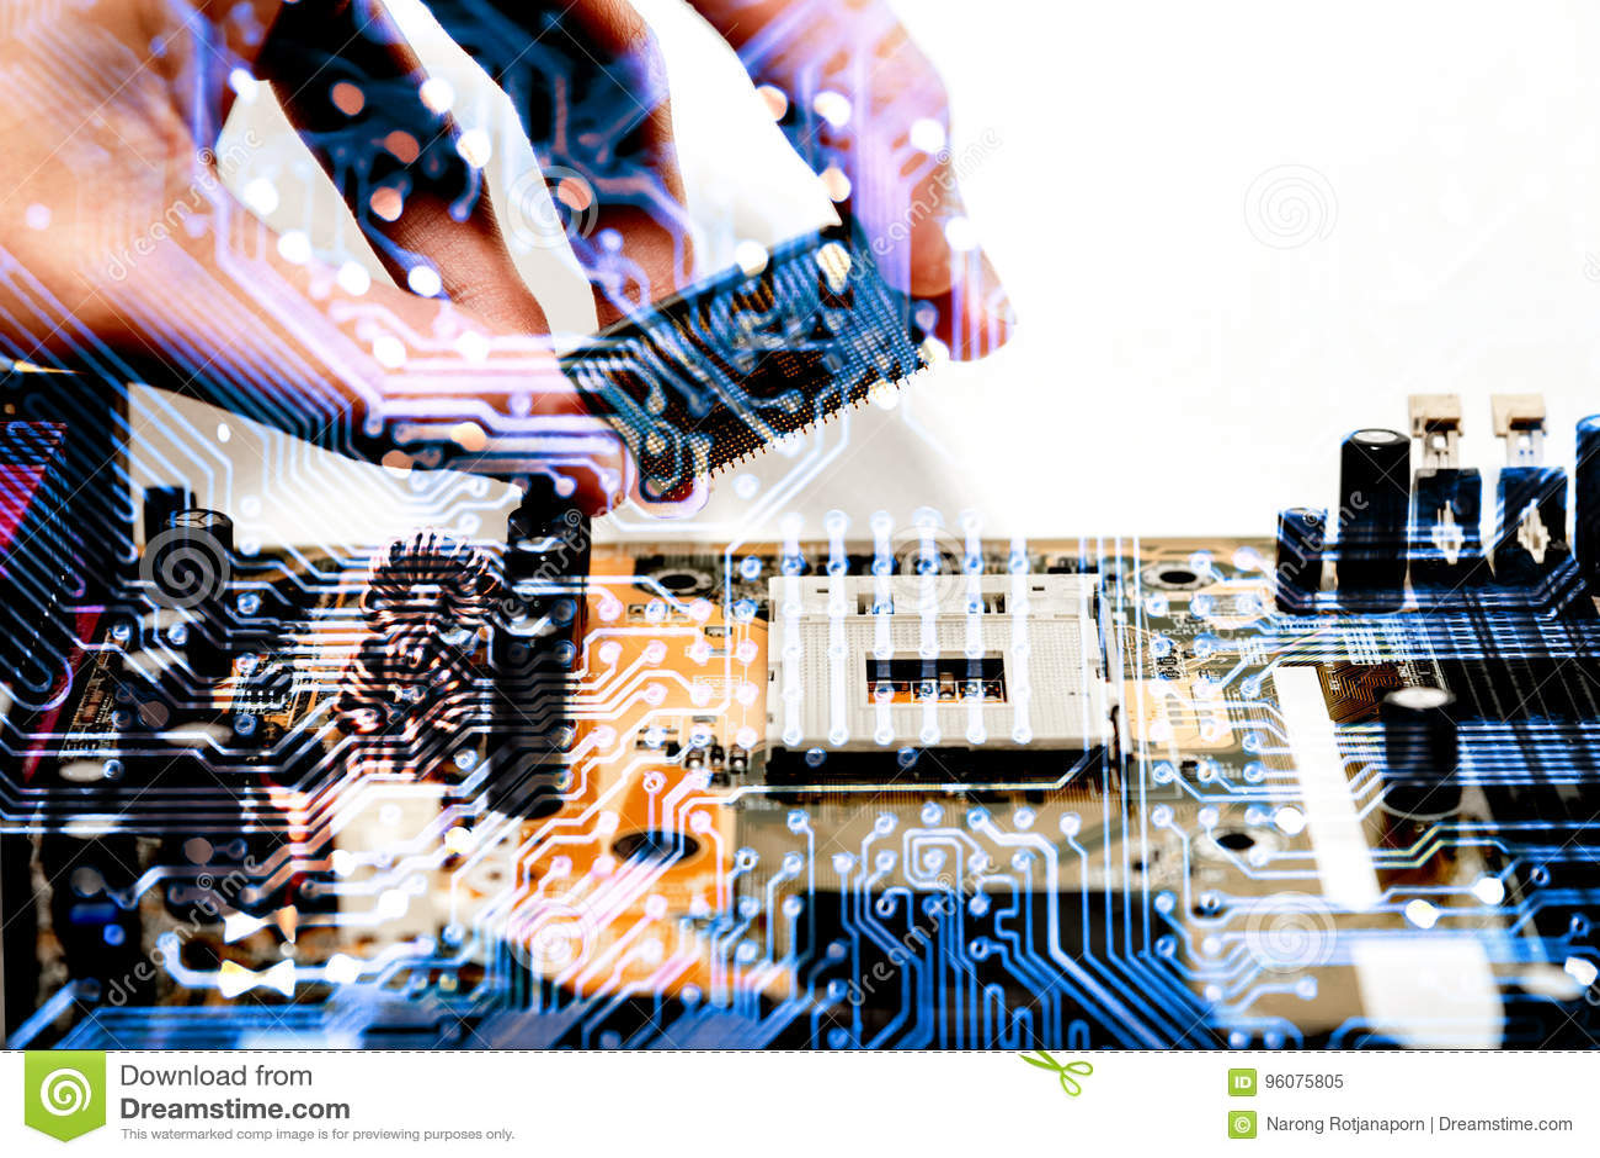 Erfreut Schaltungszusammenfassung Bilder - Schaltplan Serie Circuit ...